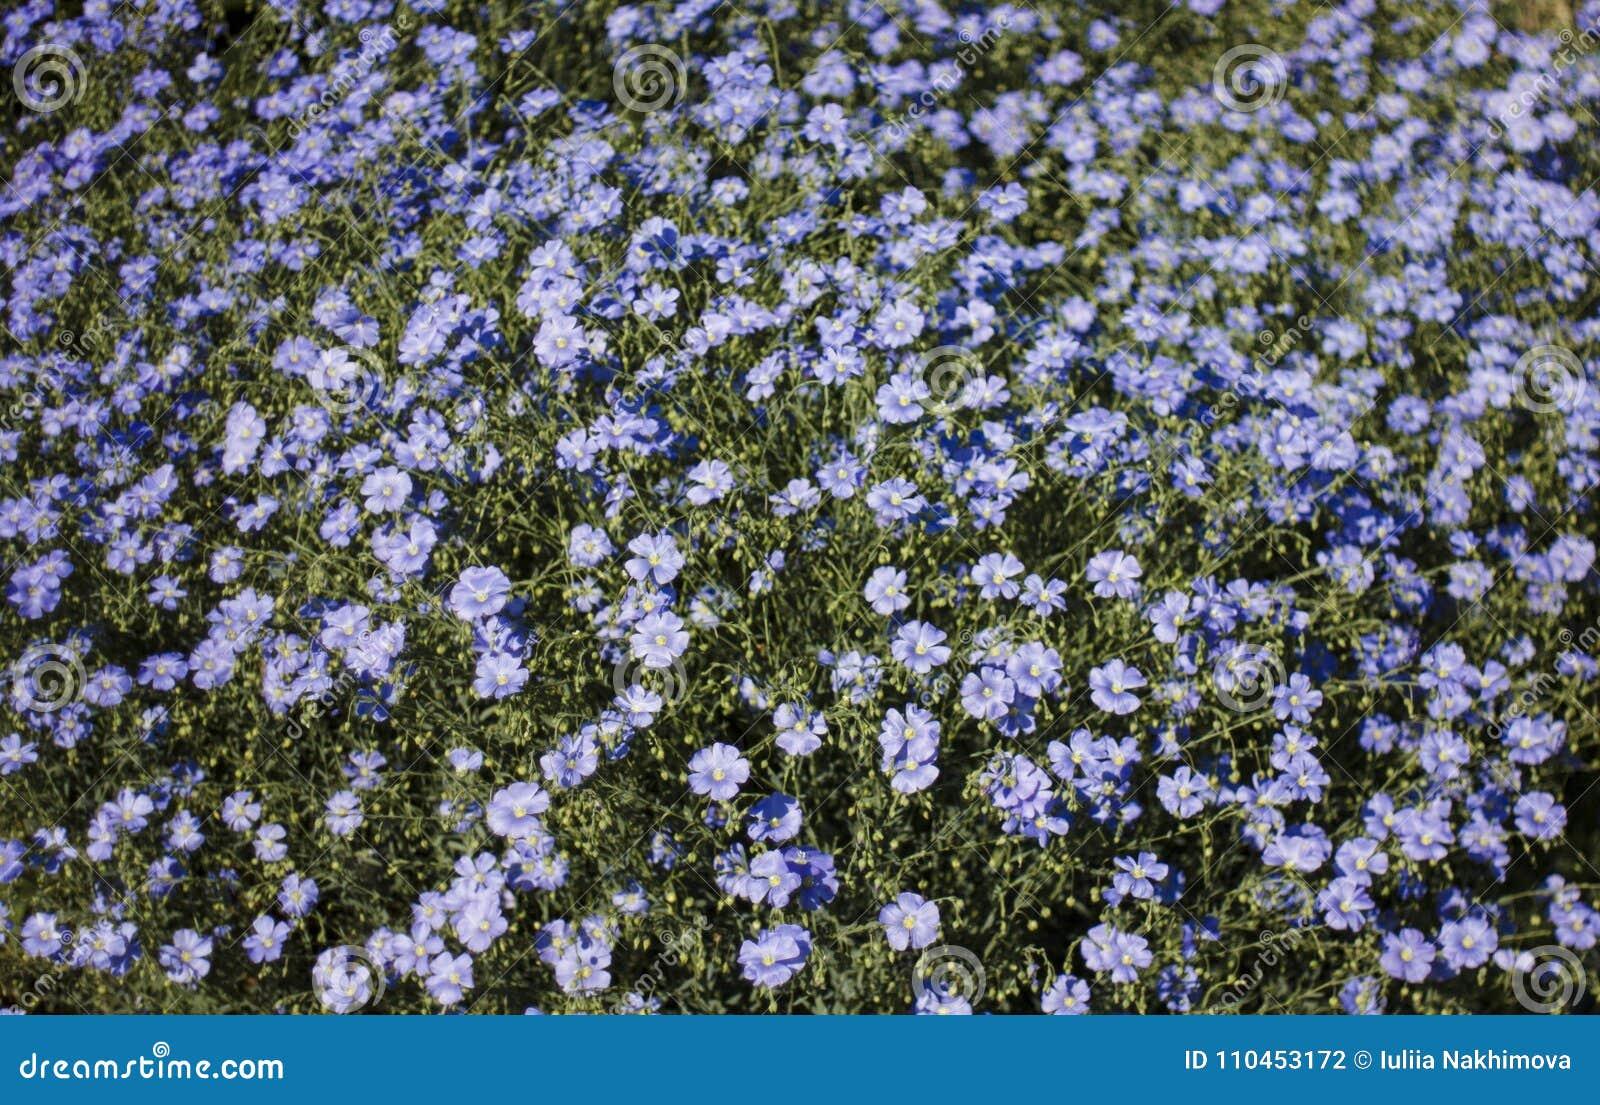 Blomsterrabatt av blåa blommor